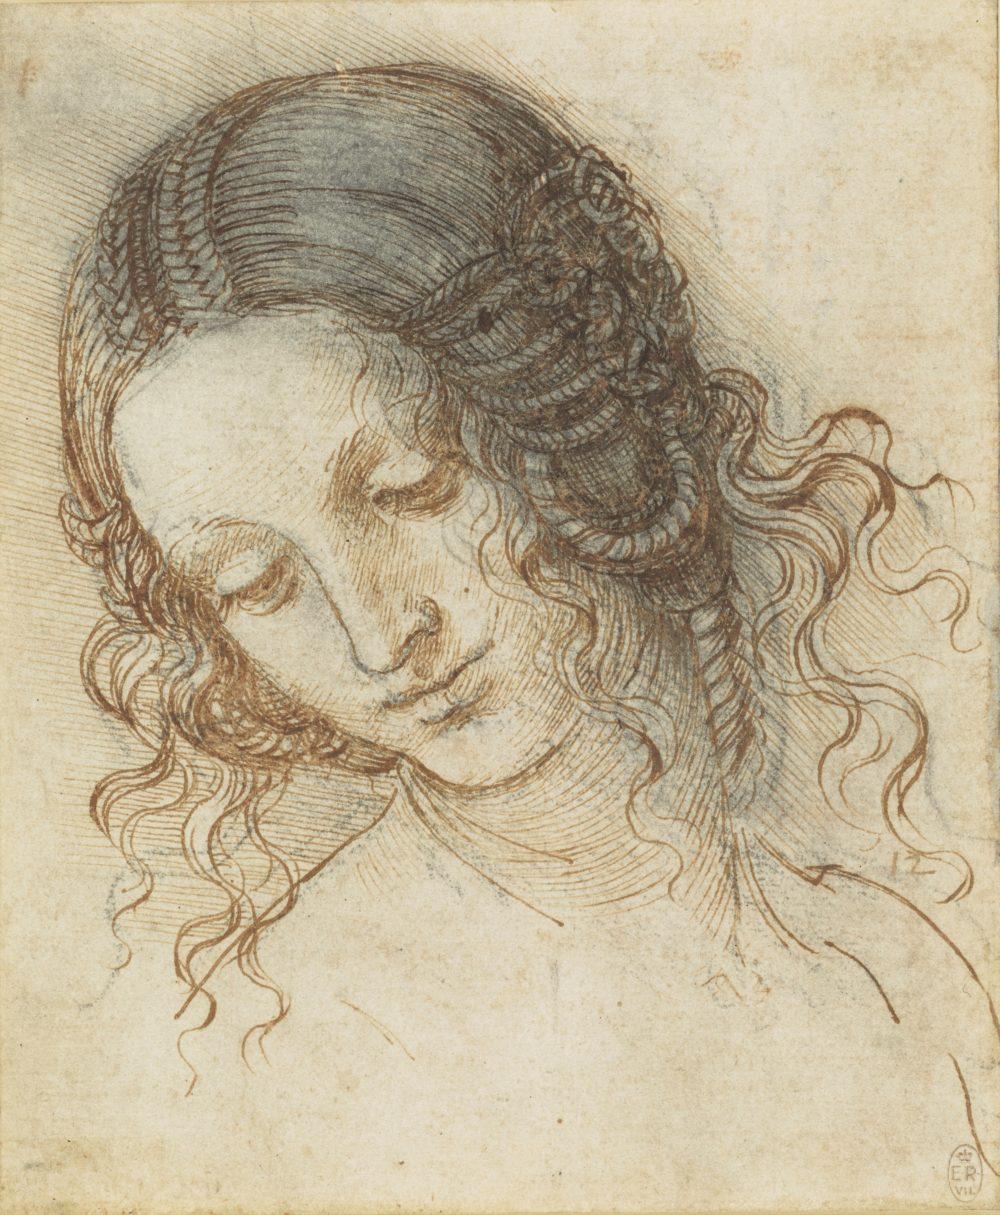 Walker Art Gallery: Leonardo da Vinci: A Life in Drawing